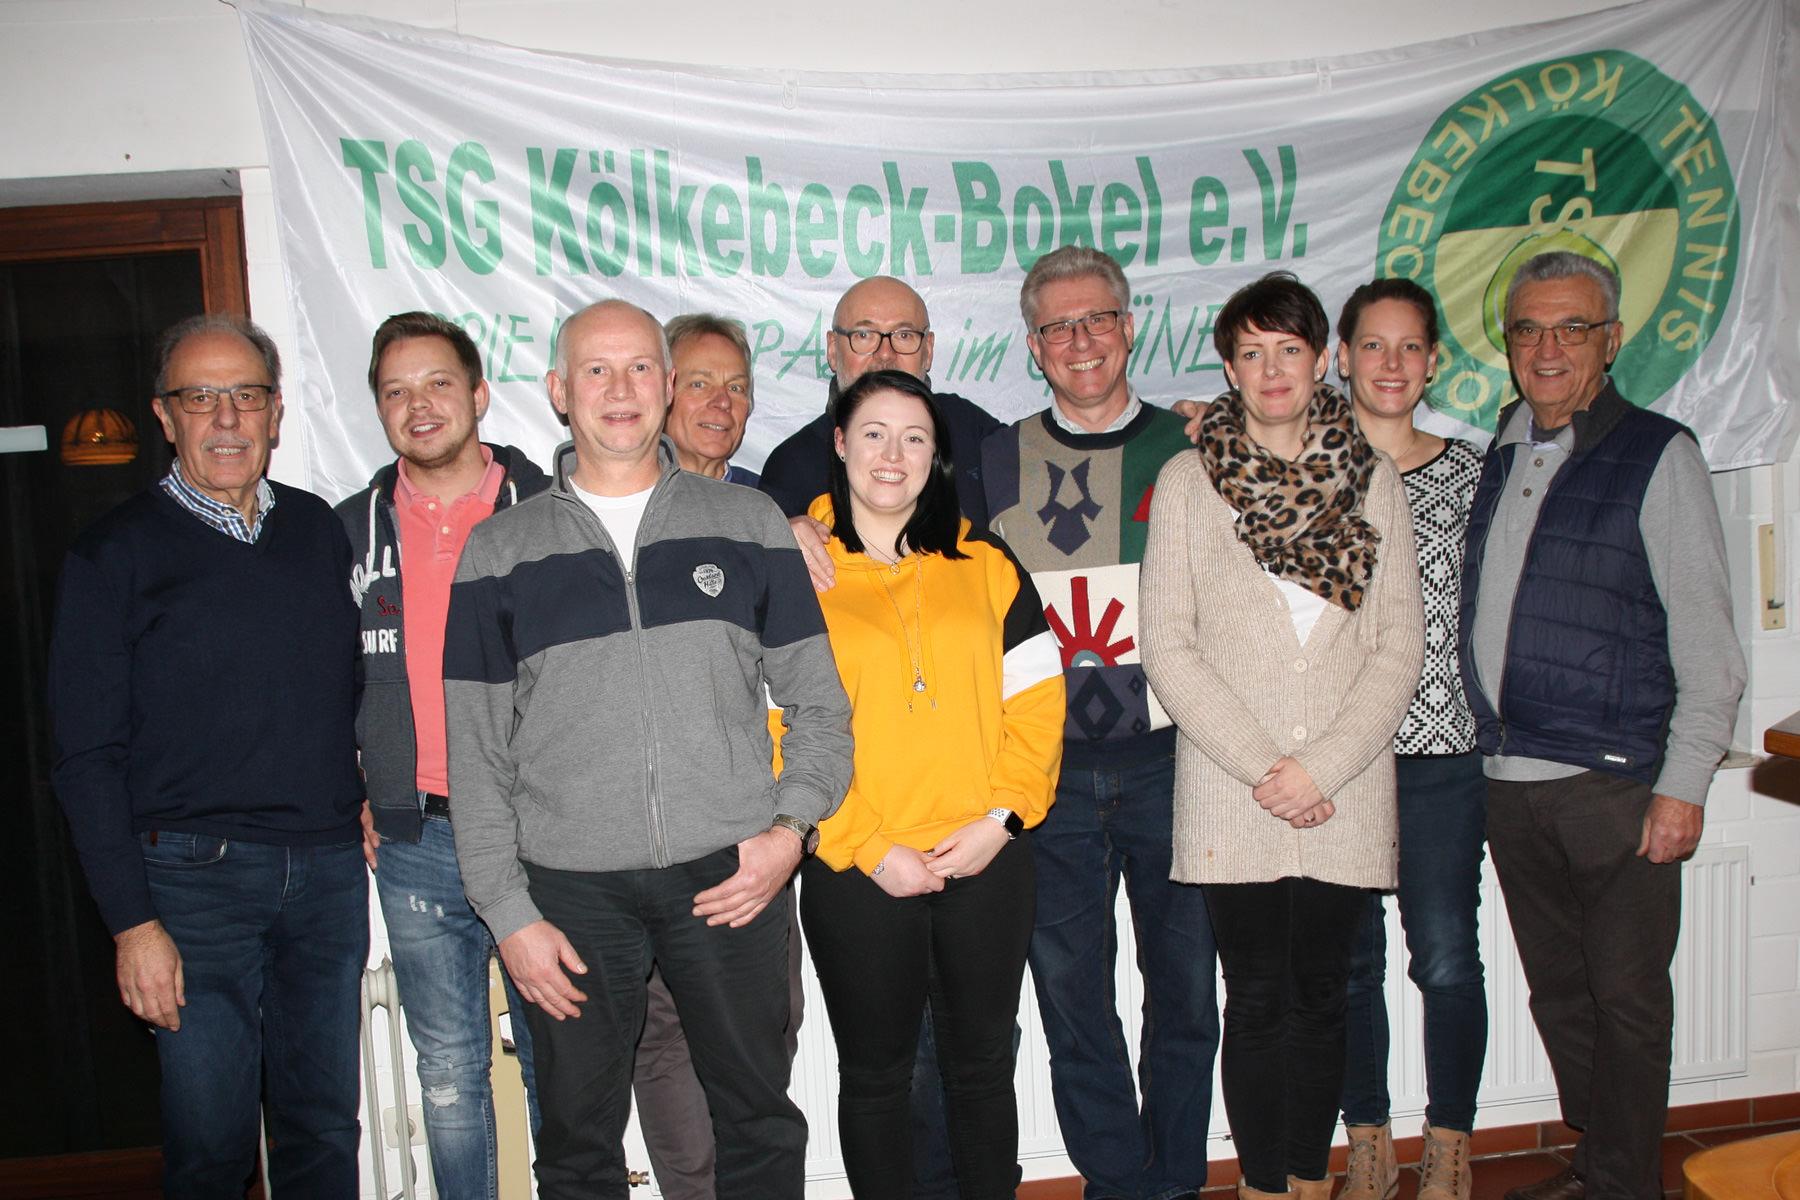 Vorstand der Tennisbateilung der TSG Kölkebeck-Bokel